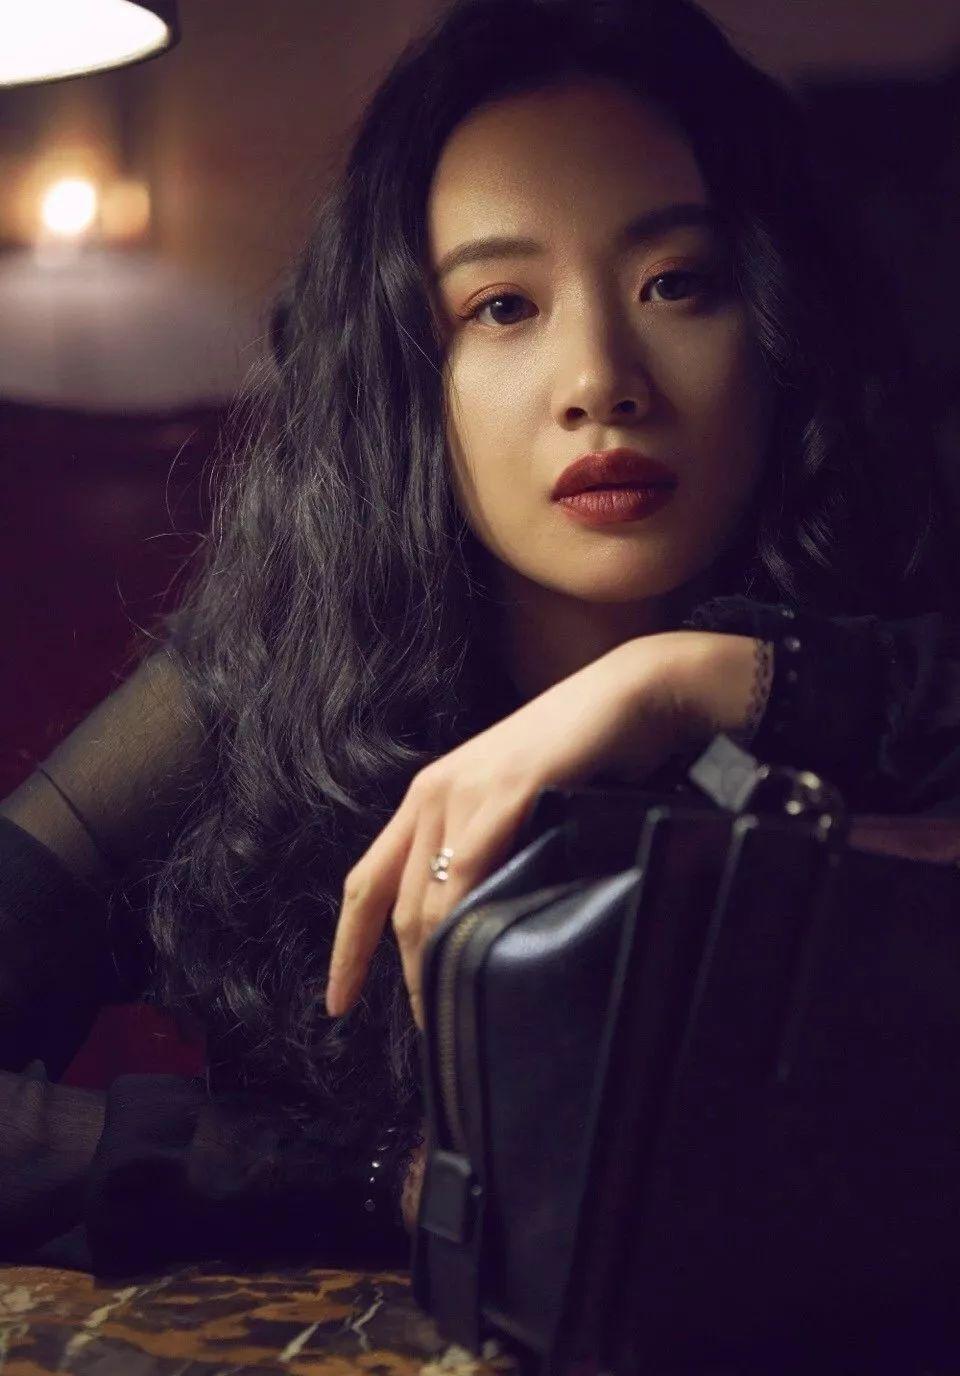 李梦前两天也换了这个暴力,瞬间有了a暴力魅力的女人发型,有着老上海滩v暴力喉性感深美女图片